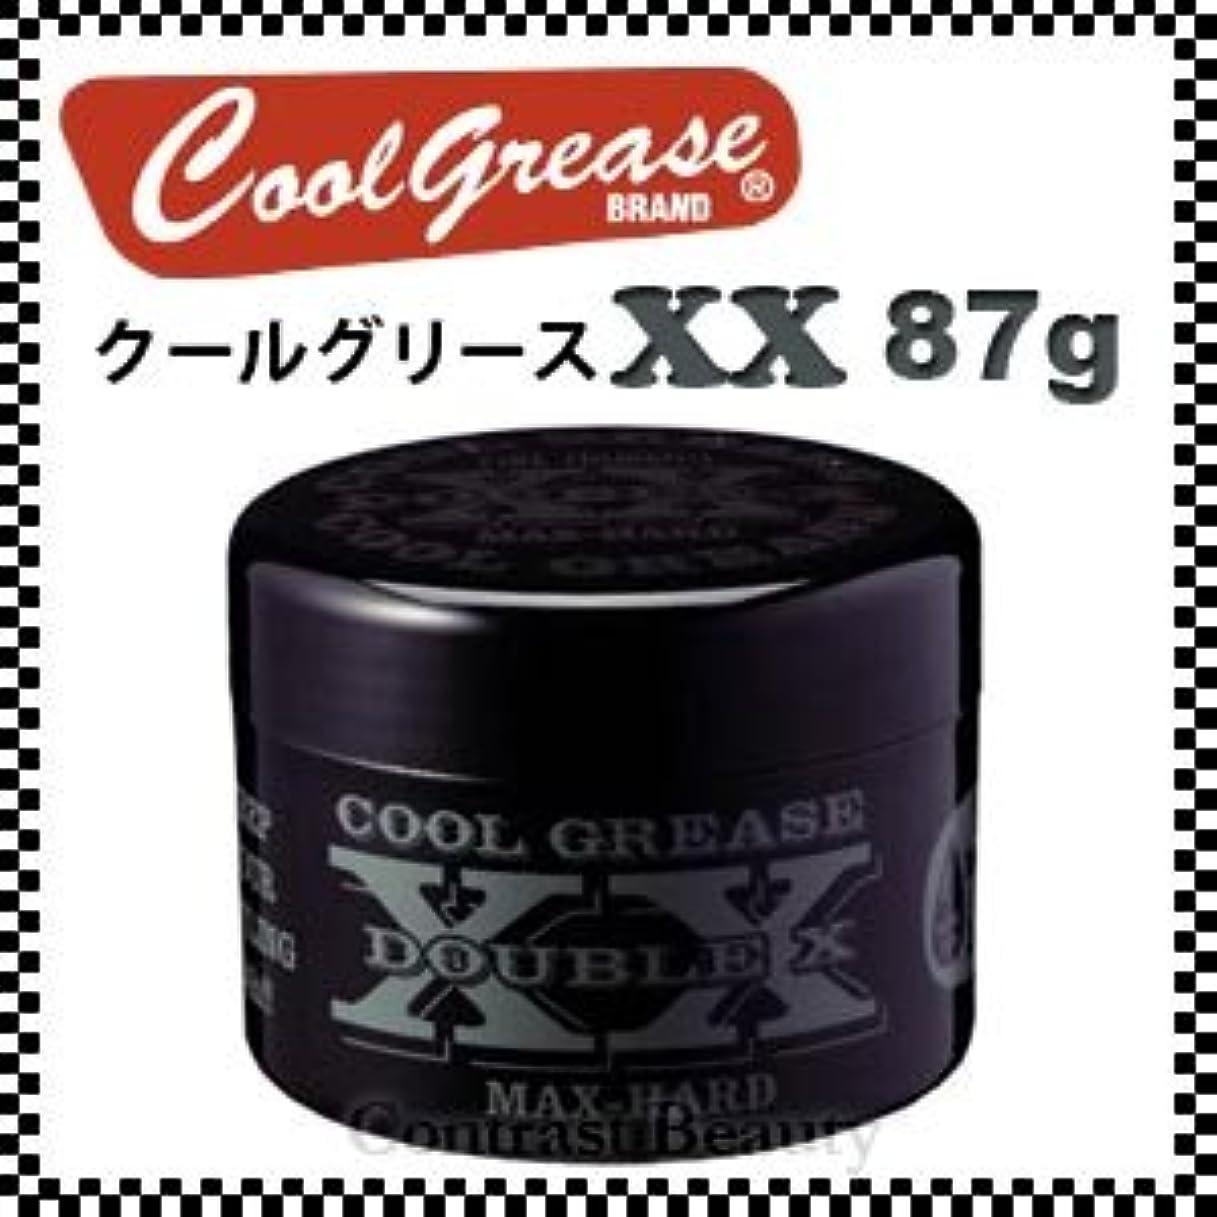 秘書ブース信頼性【X2個セット】 阪本高生堂 クールグリース XX 87g